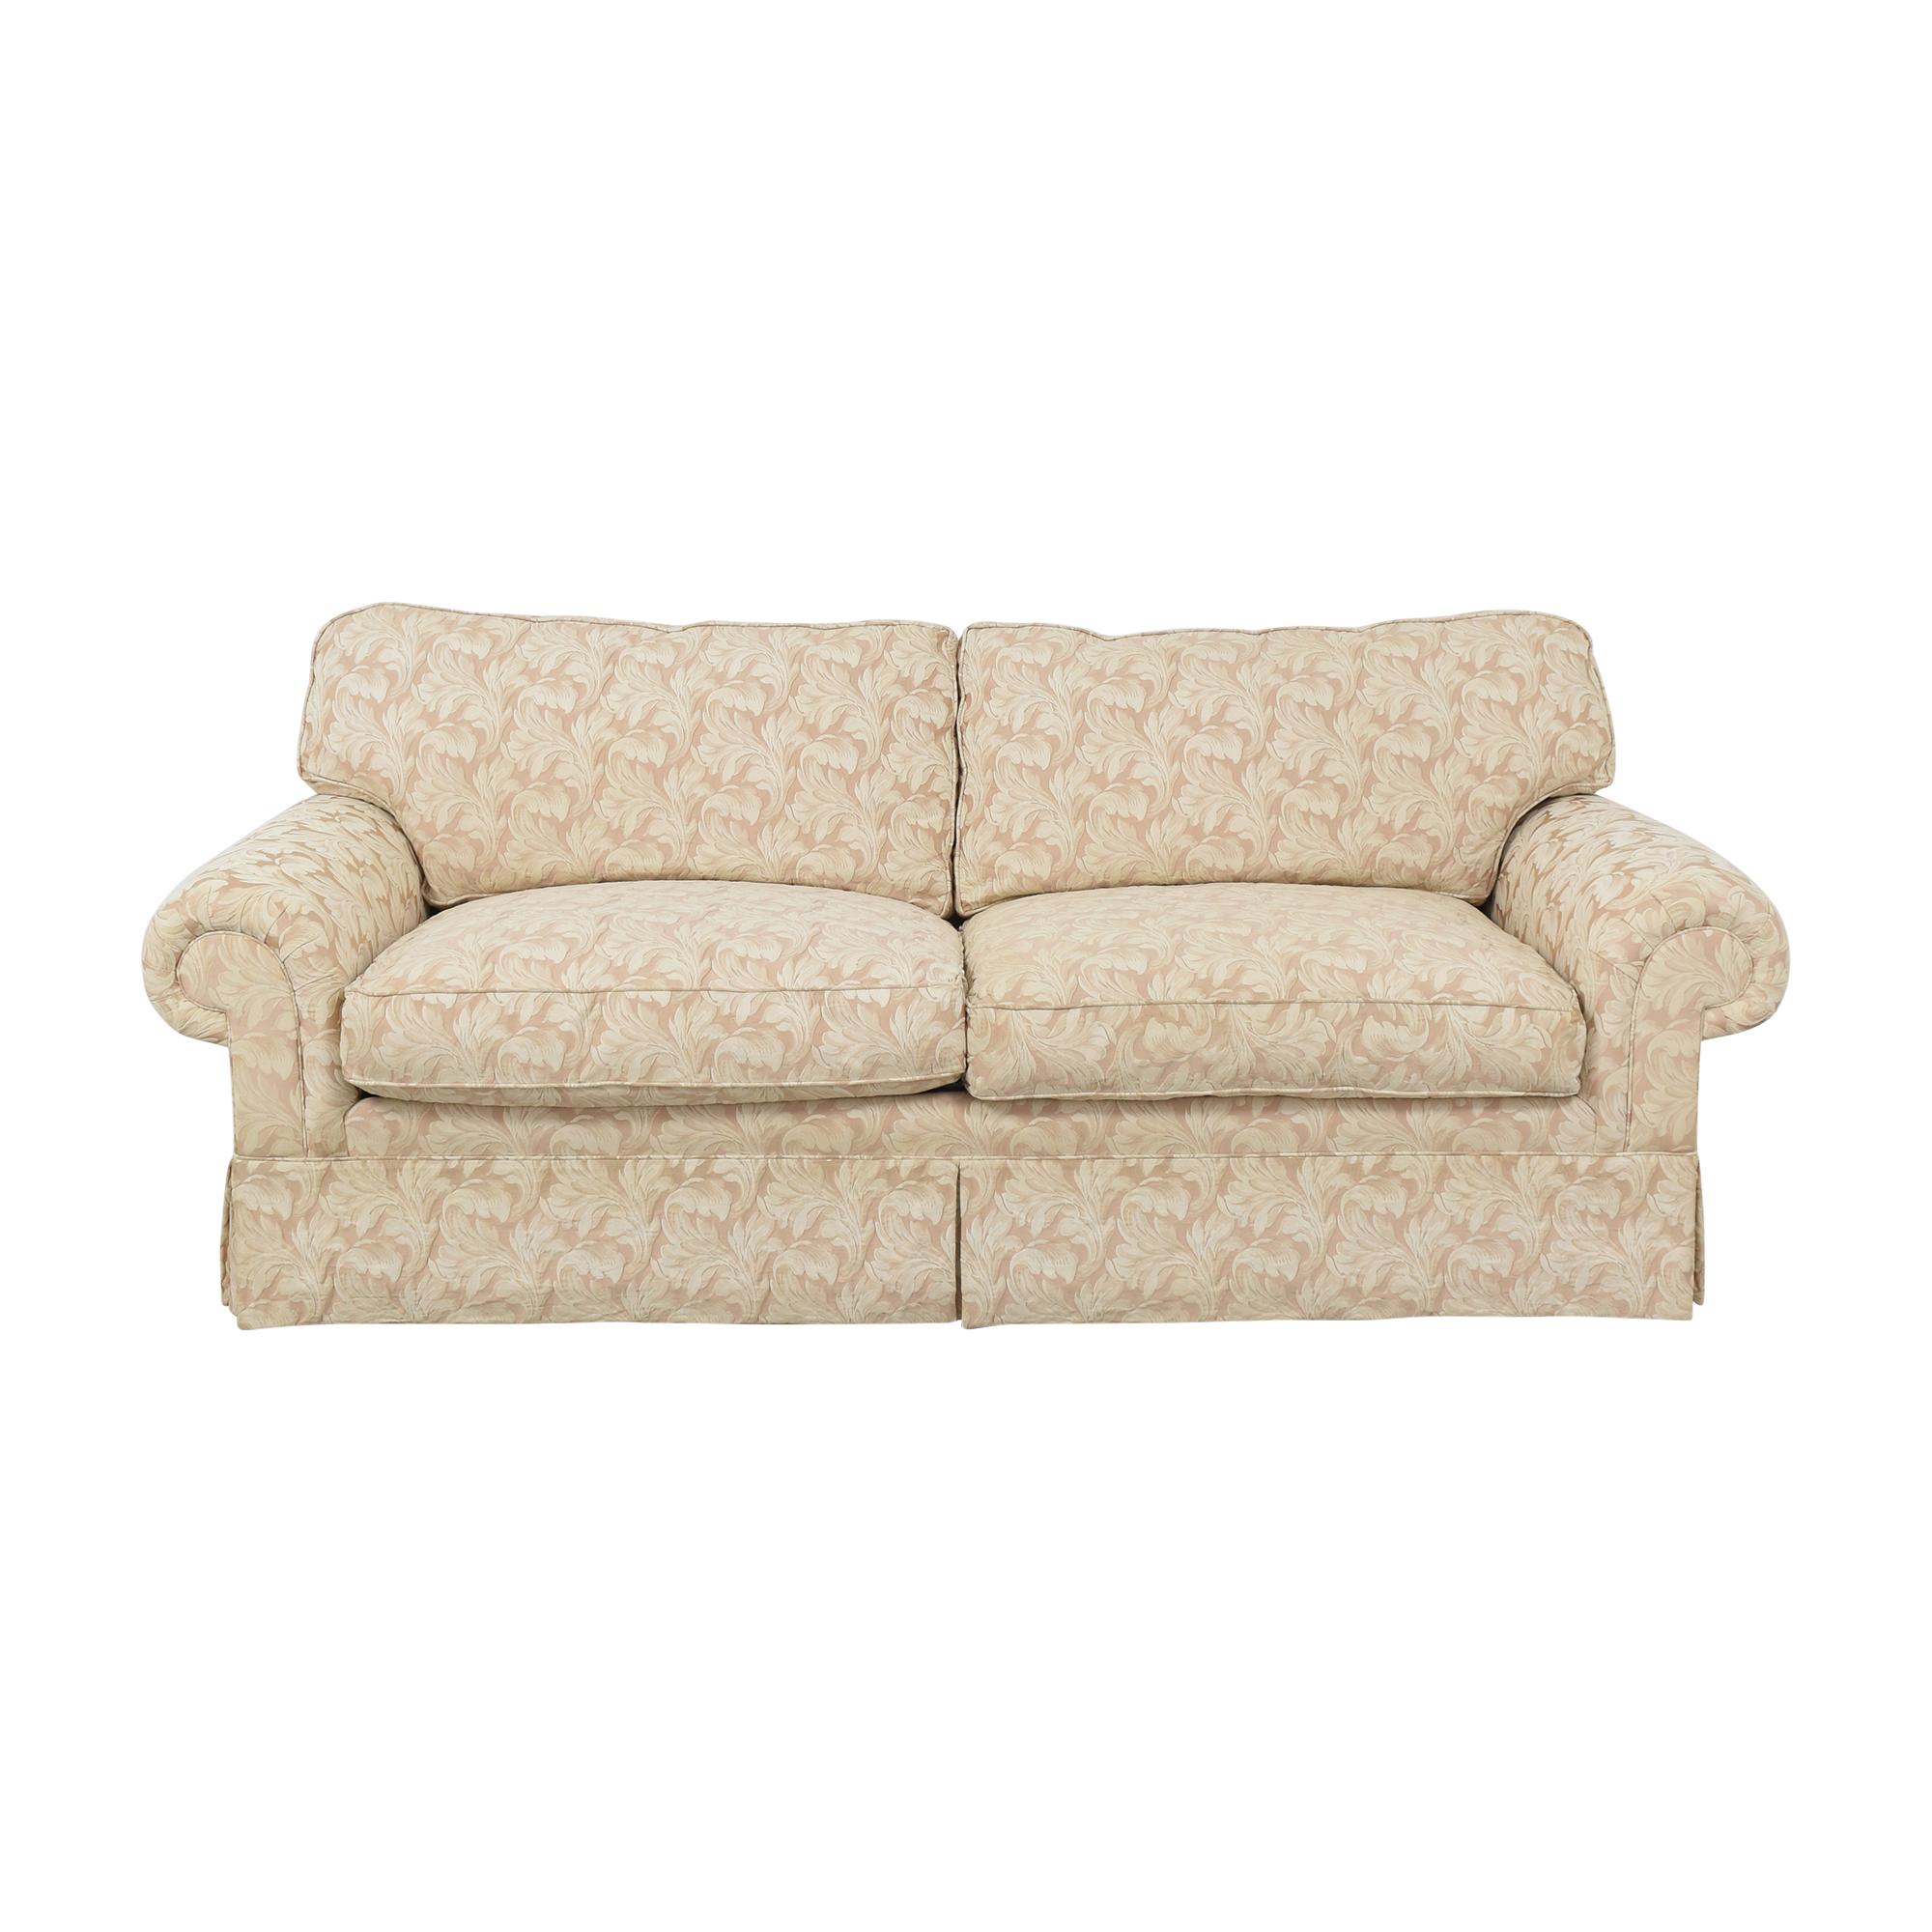 Vanguard Furniture Vanguard Furniture Two Cushion Skirted Sofa beige